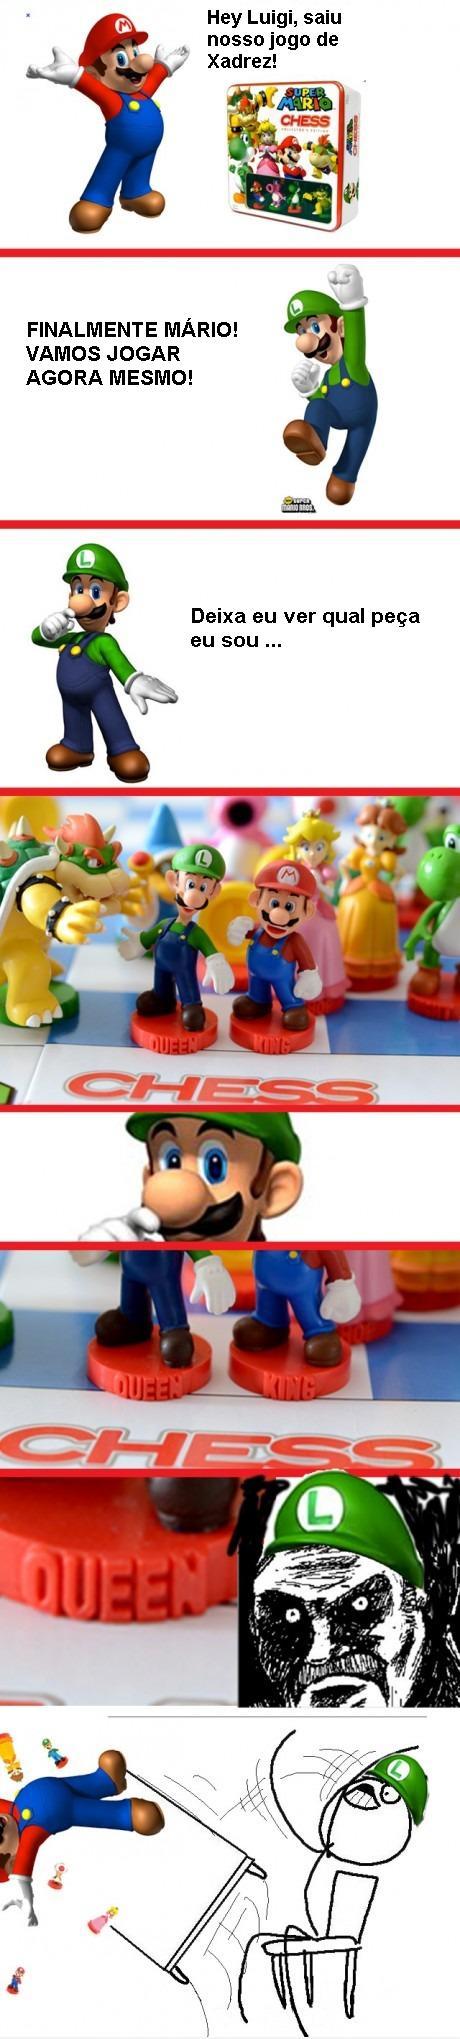 Xadrez do Mario